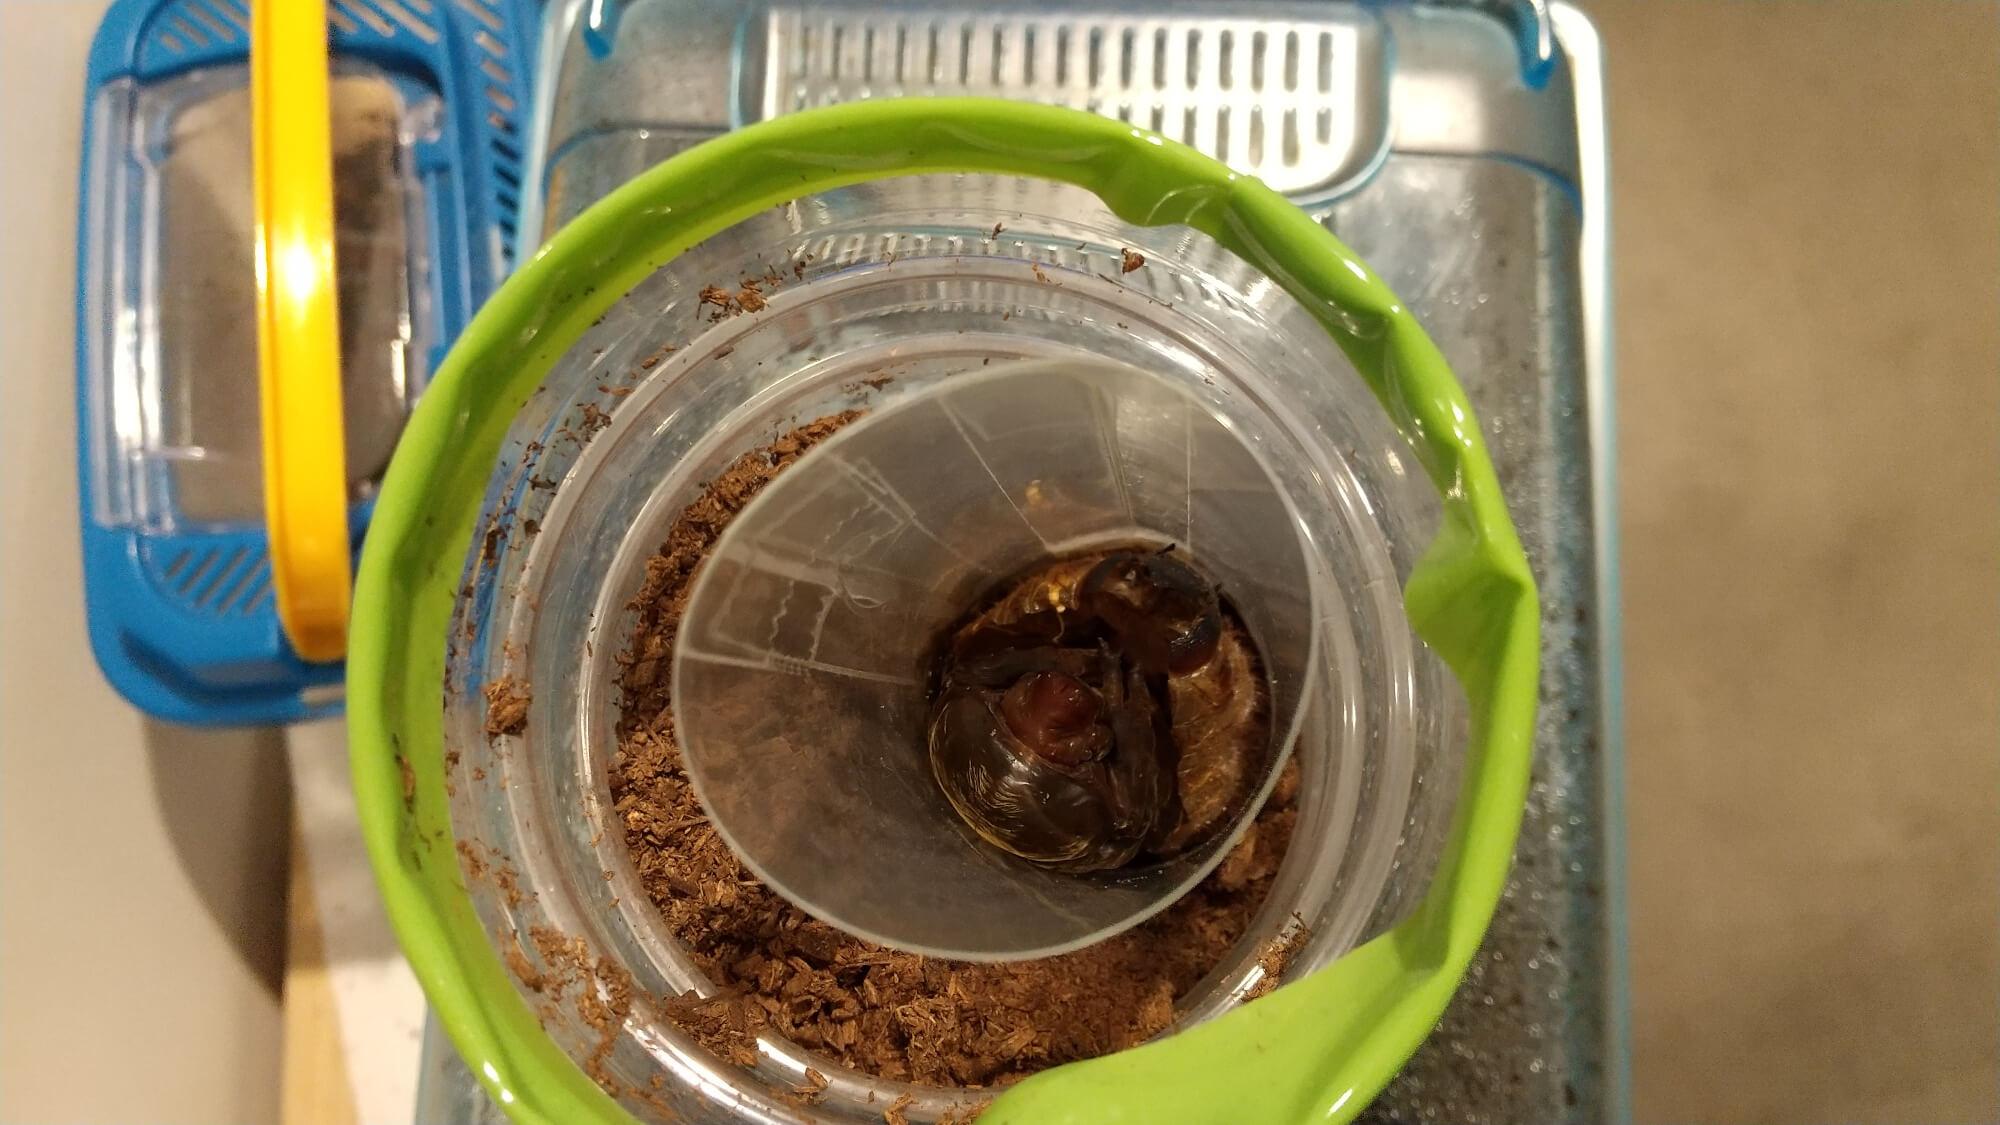 蛹室の中で脱皮を繰り返すカブトムシのさなぎ